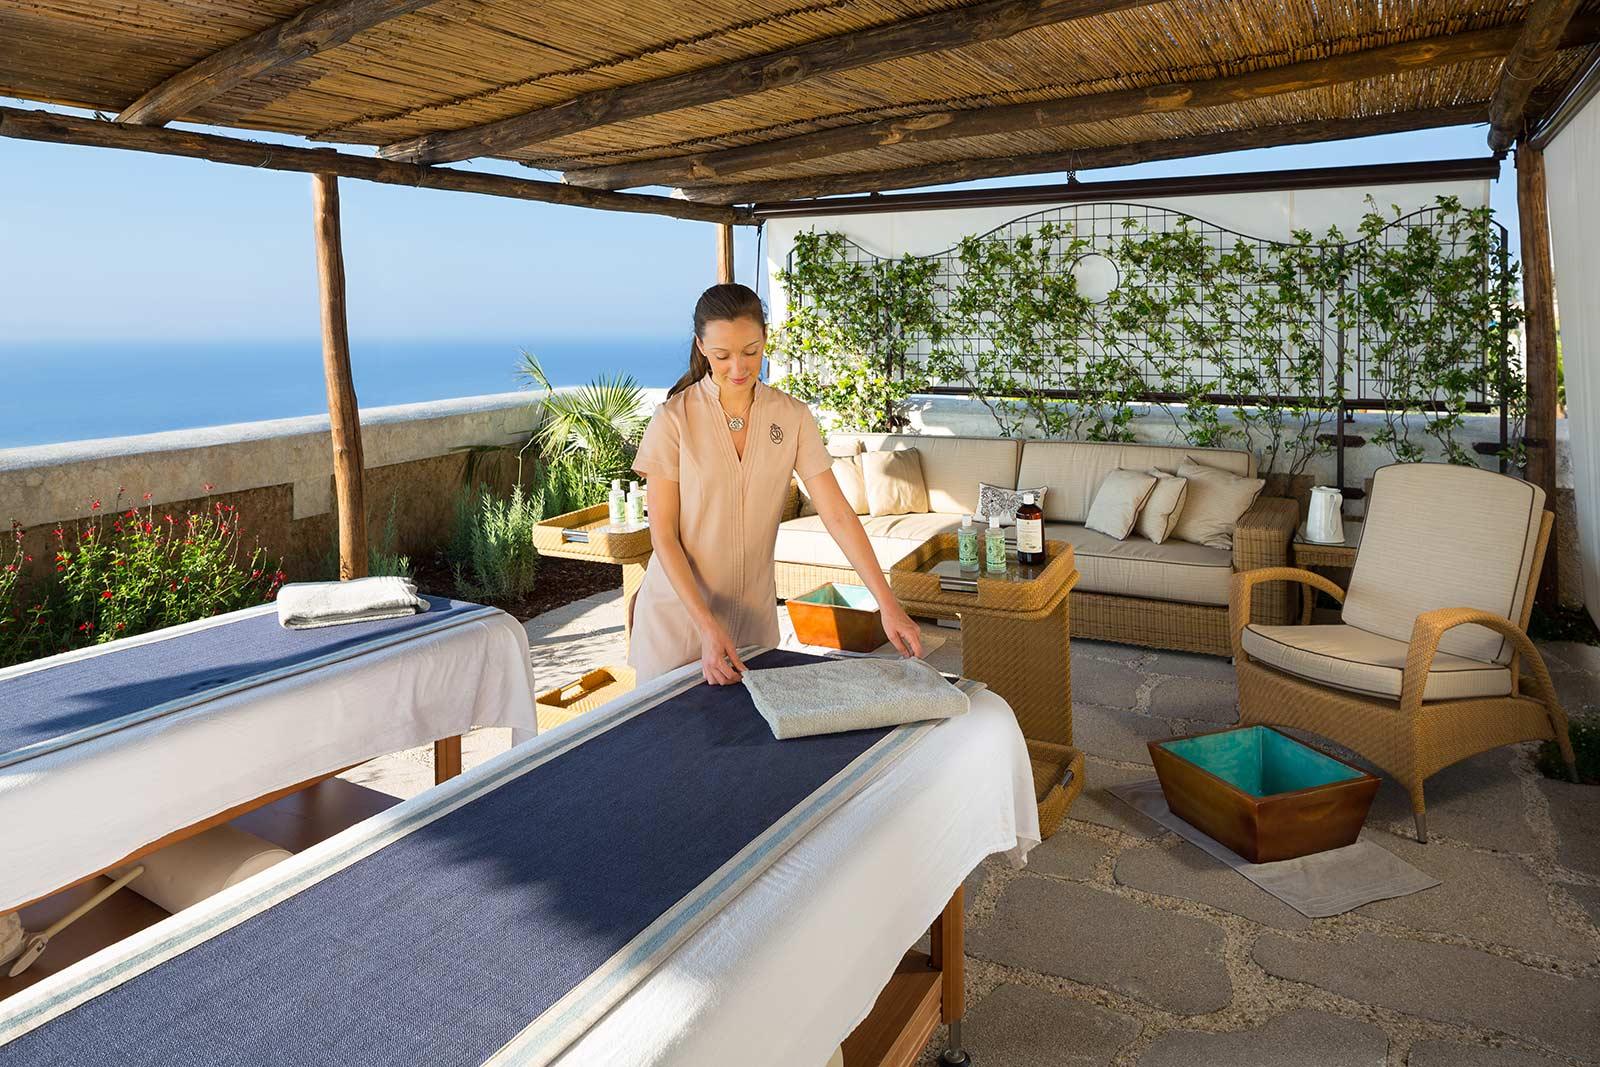 outdoor-treatment-spa-amalfi